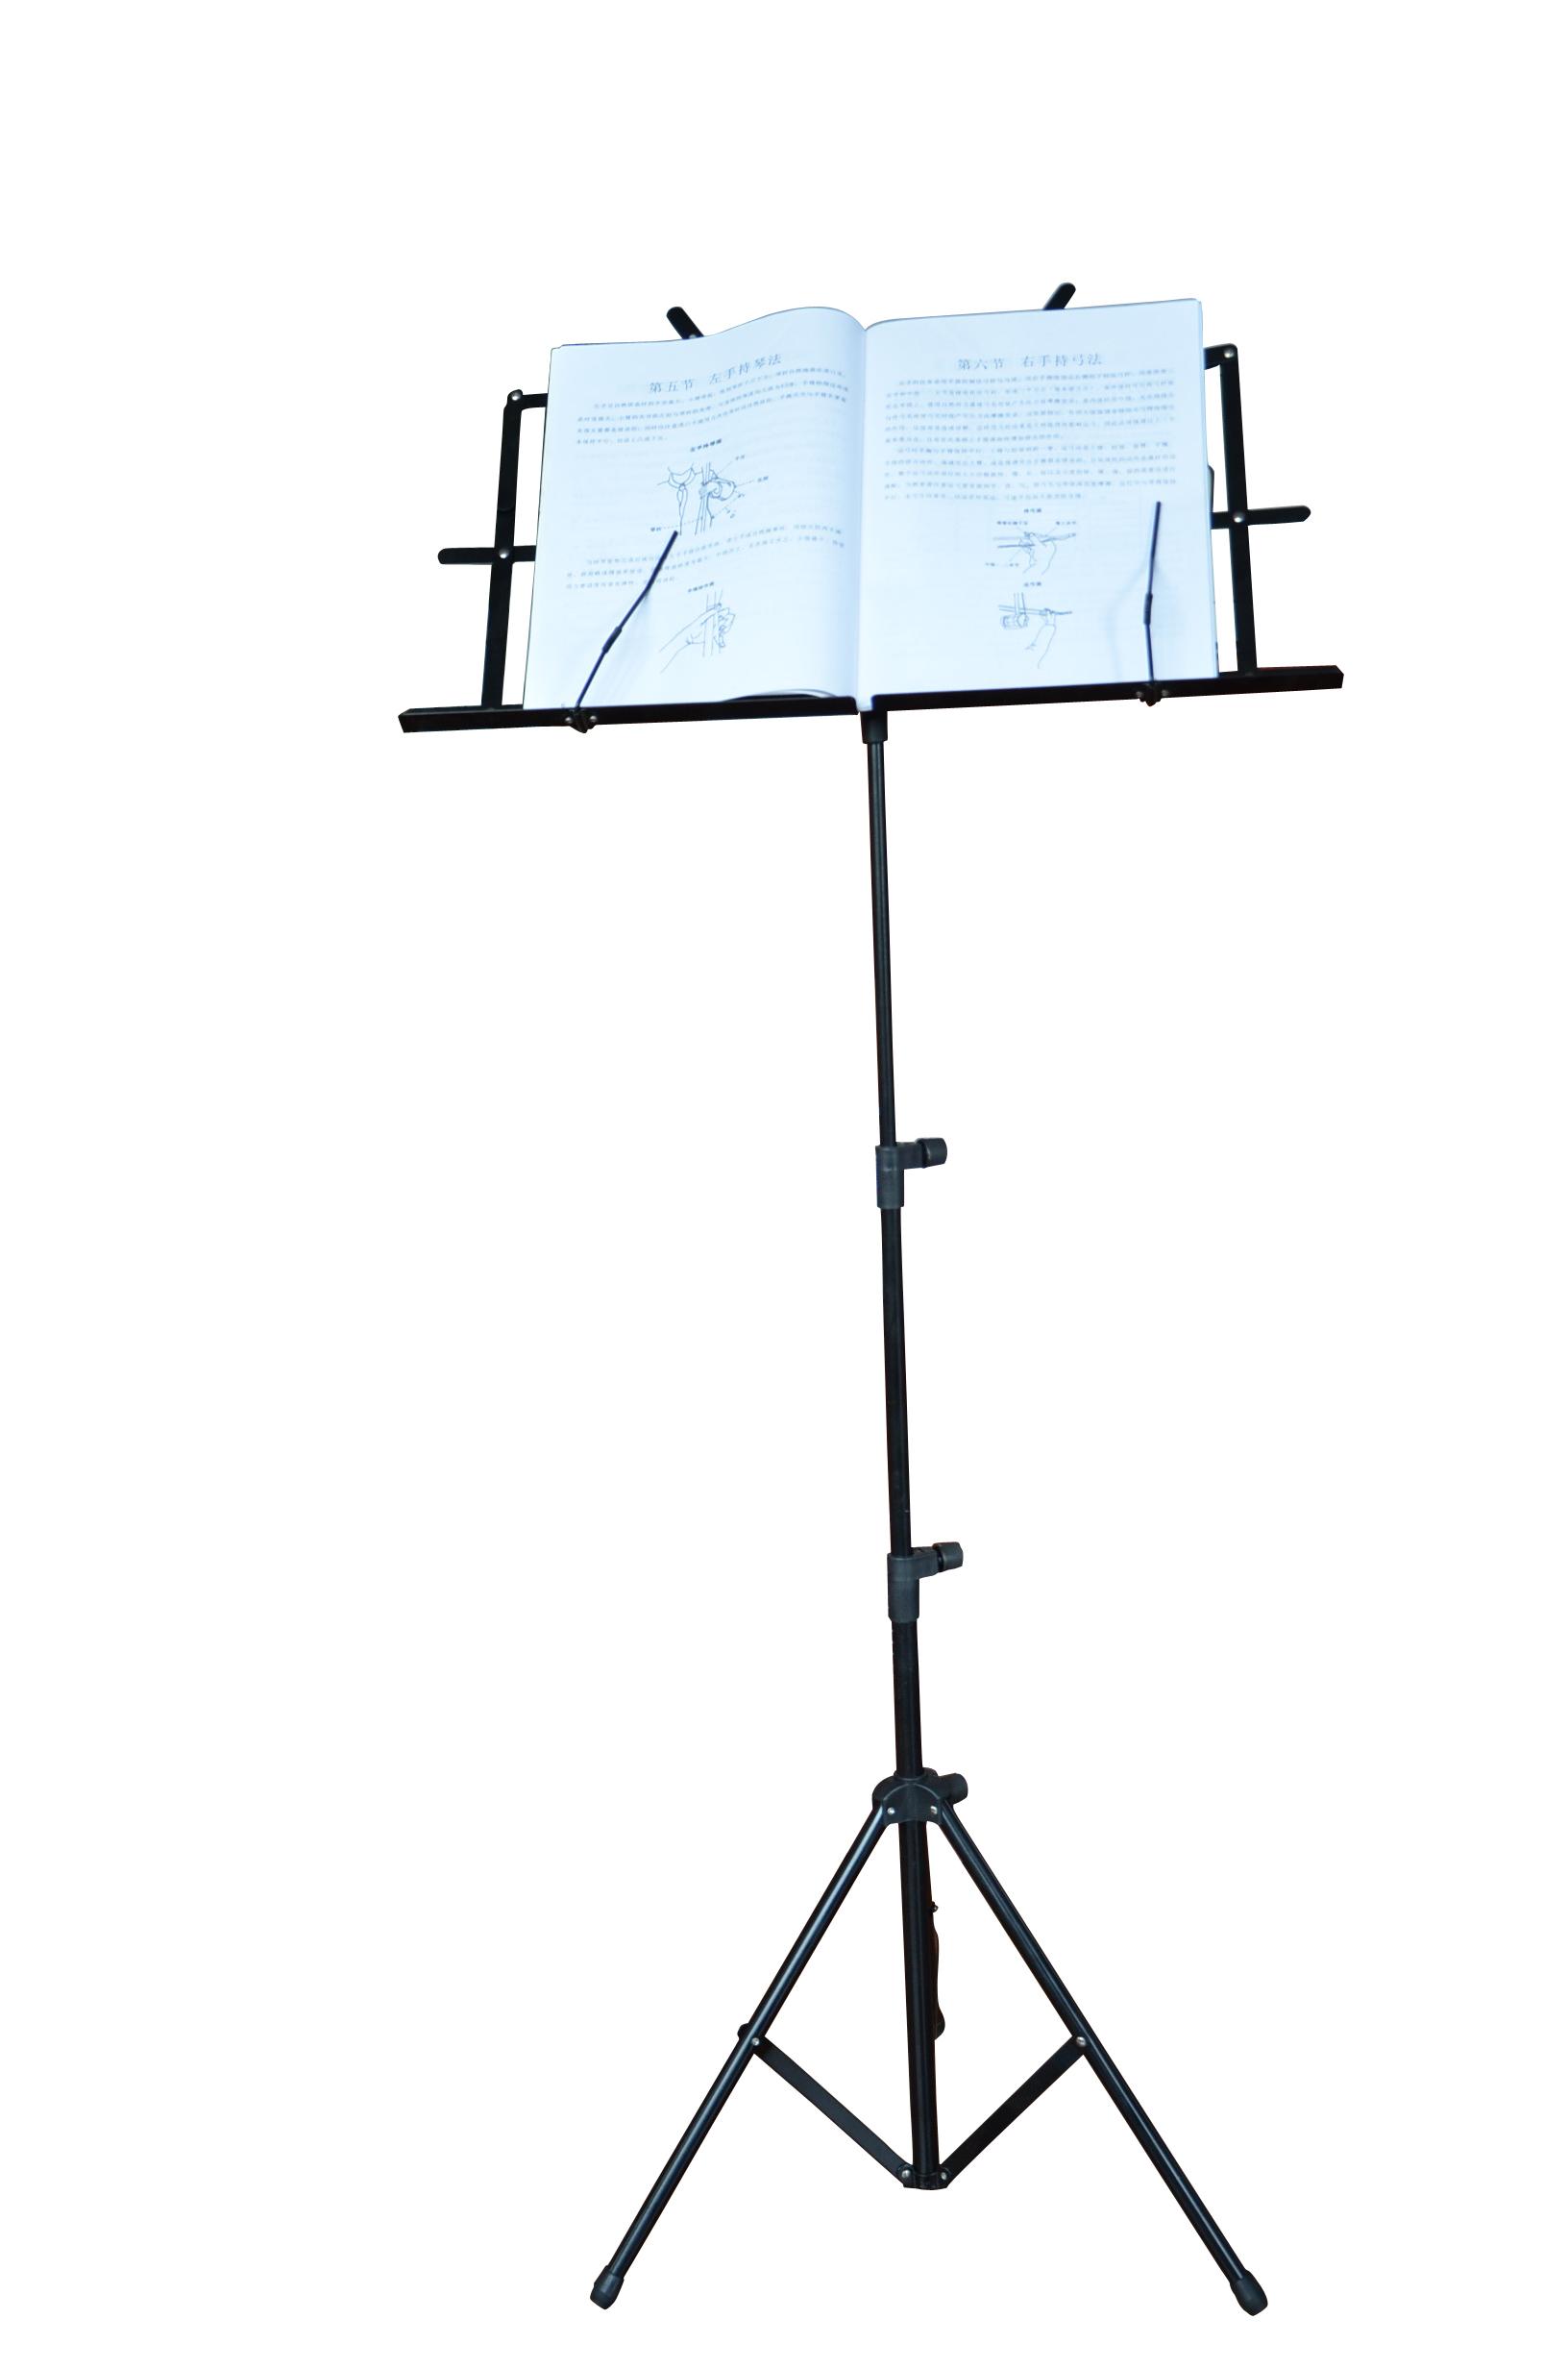 Два ху музыка спектр стоять складные древний чжэн (гусли) гитара скрипка общий музыкальные инструменты стоять два ху музыка спектр полка